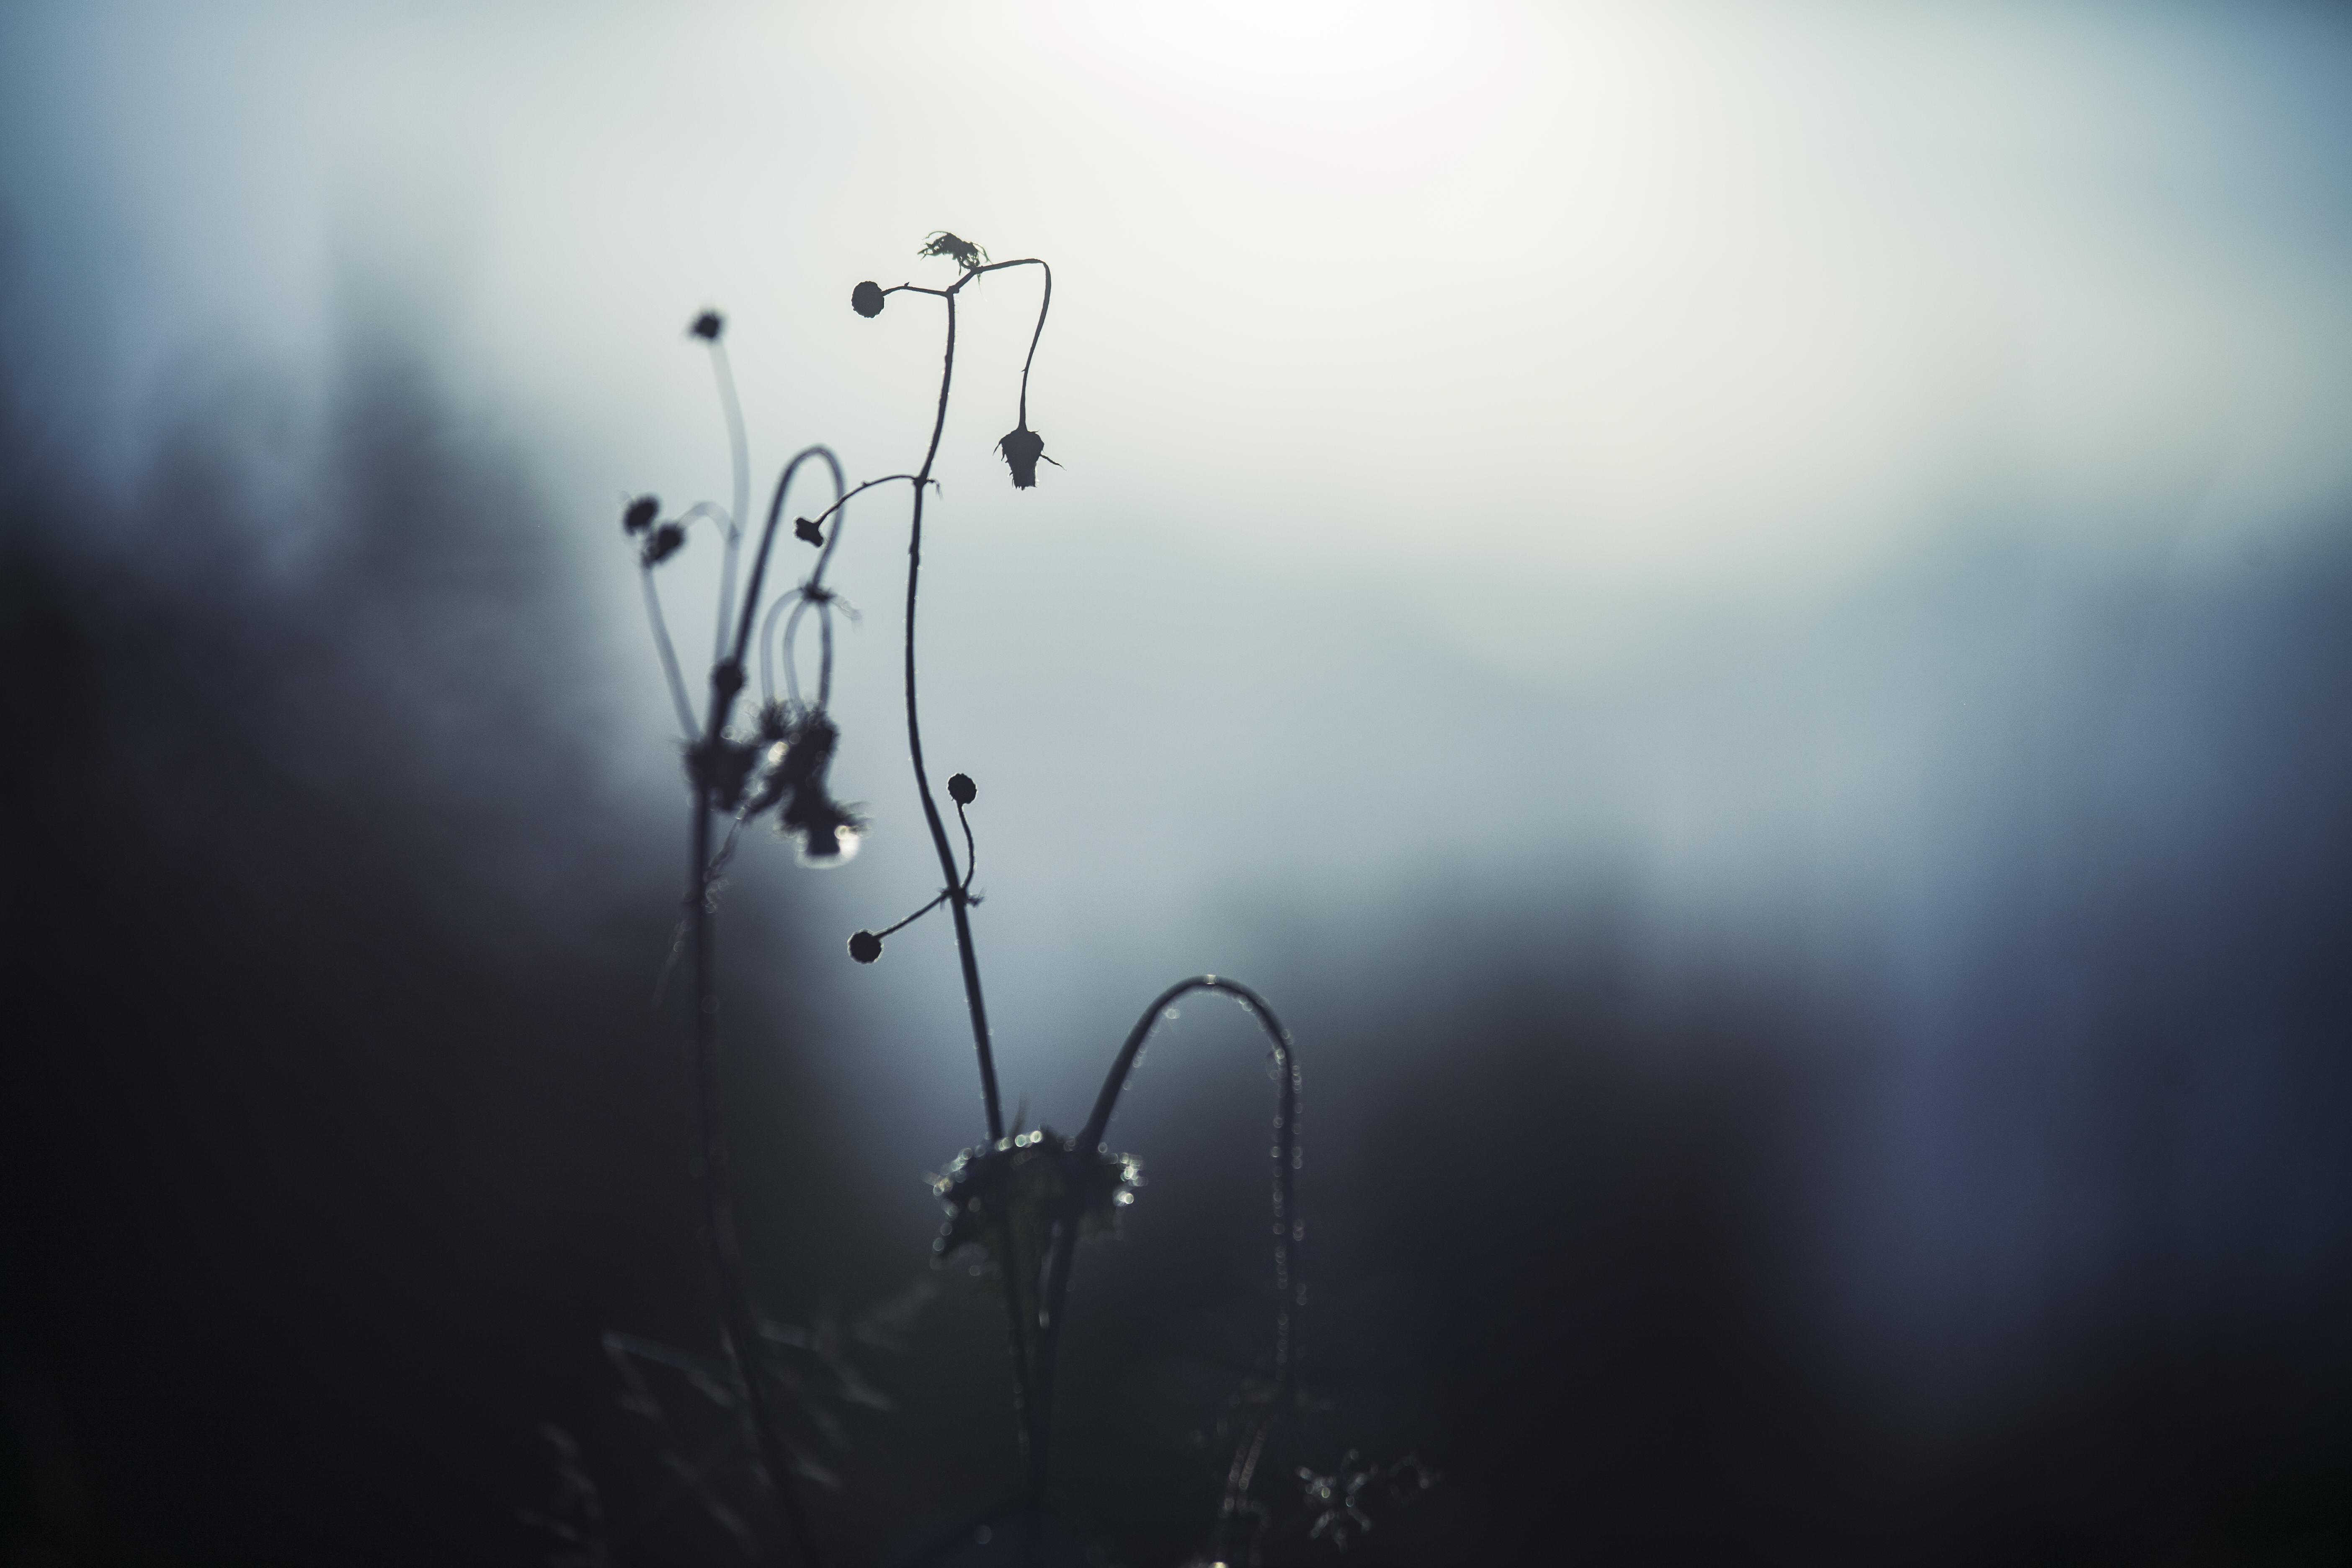 Plant Into The Mist, mystery, dead vegetation, cold, light, dry vegetation, dark blue fog